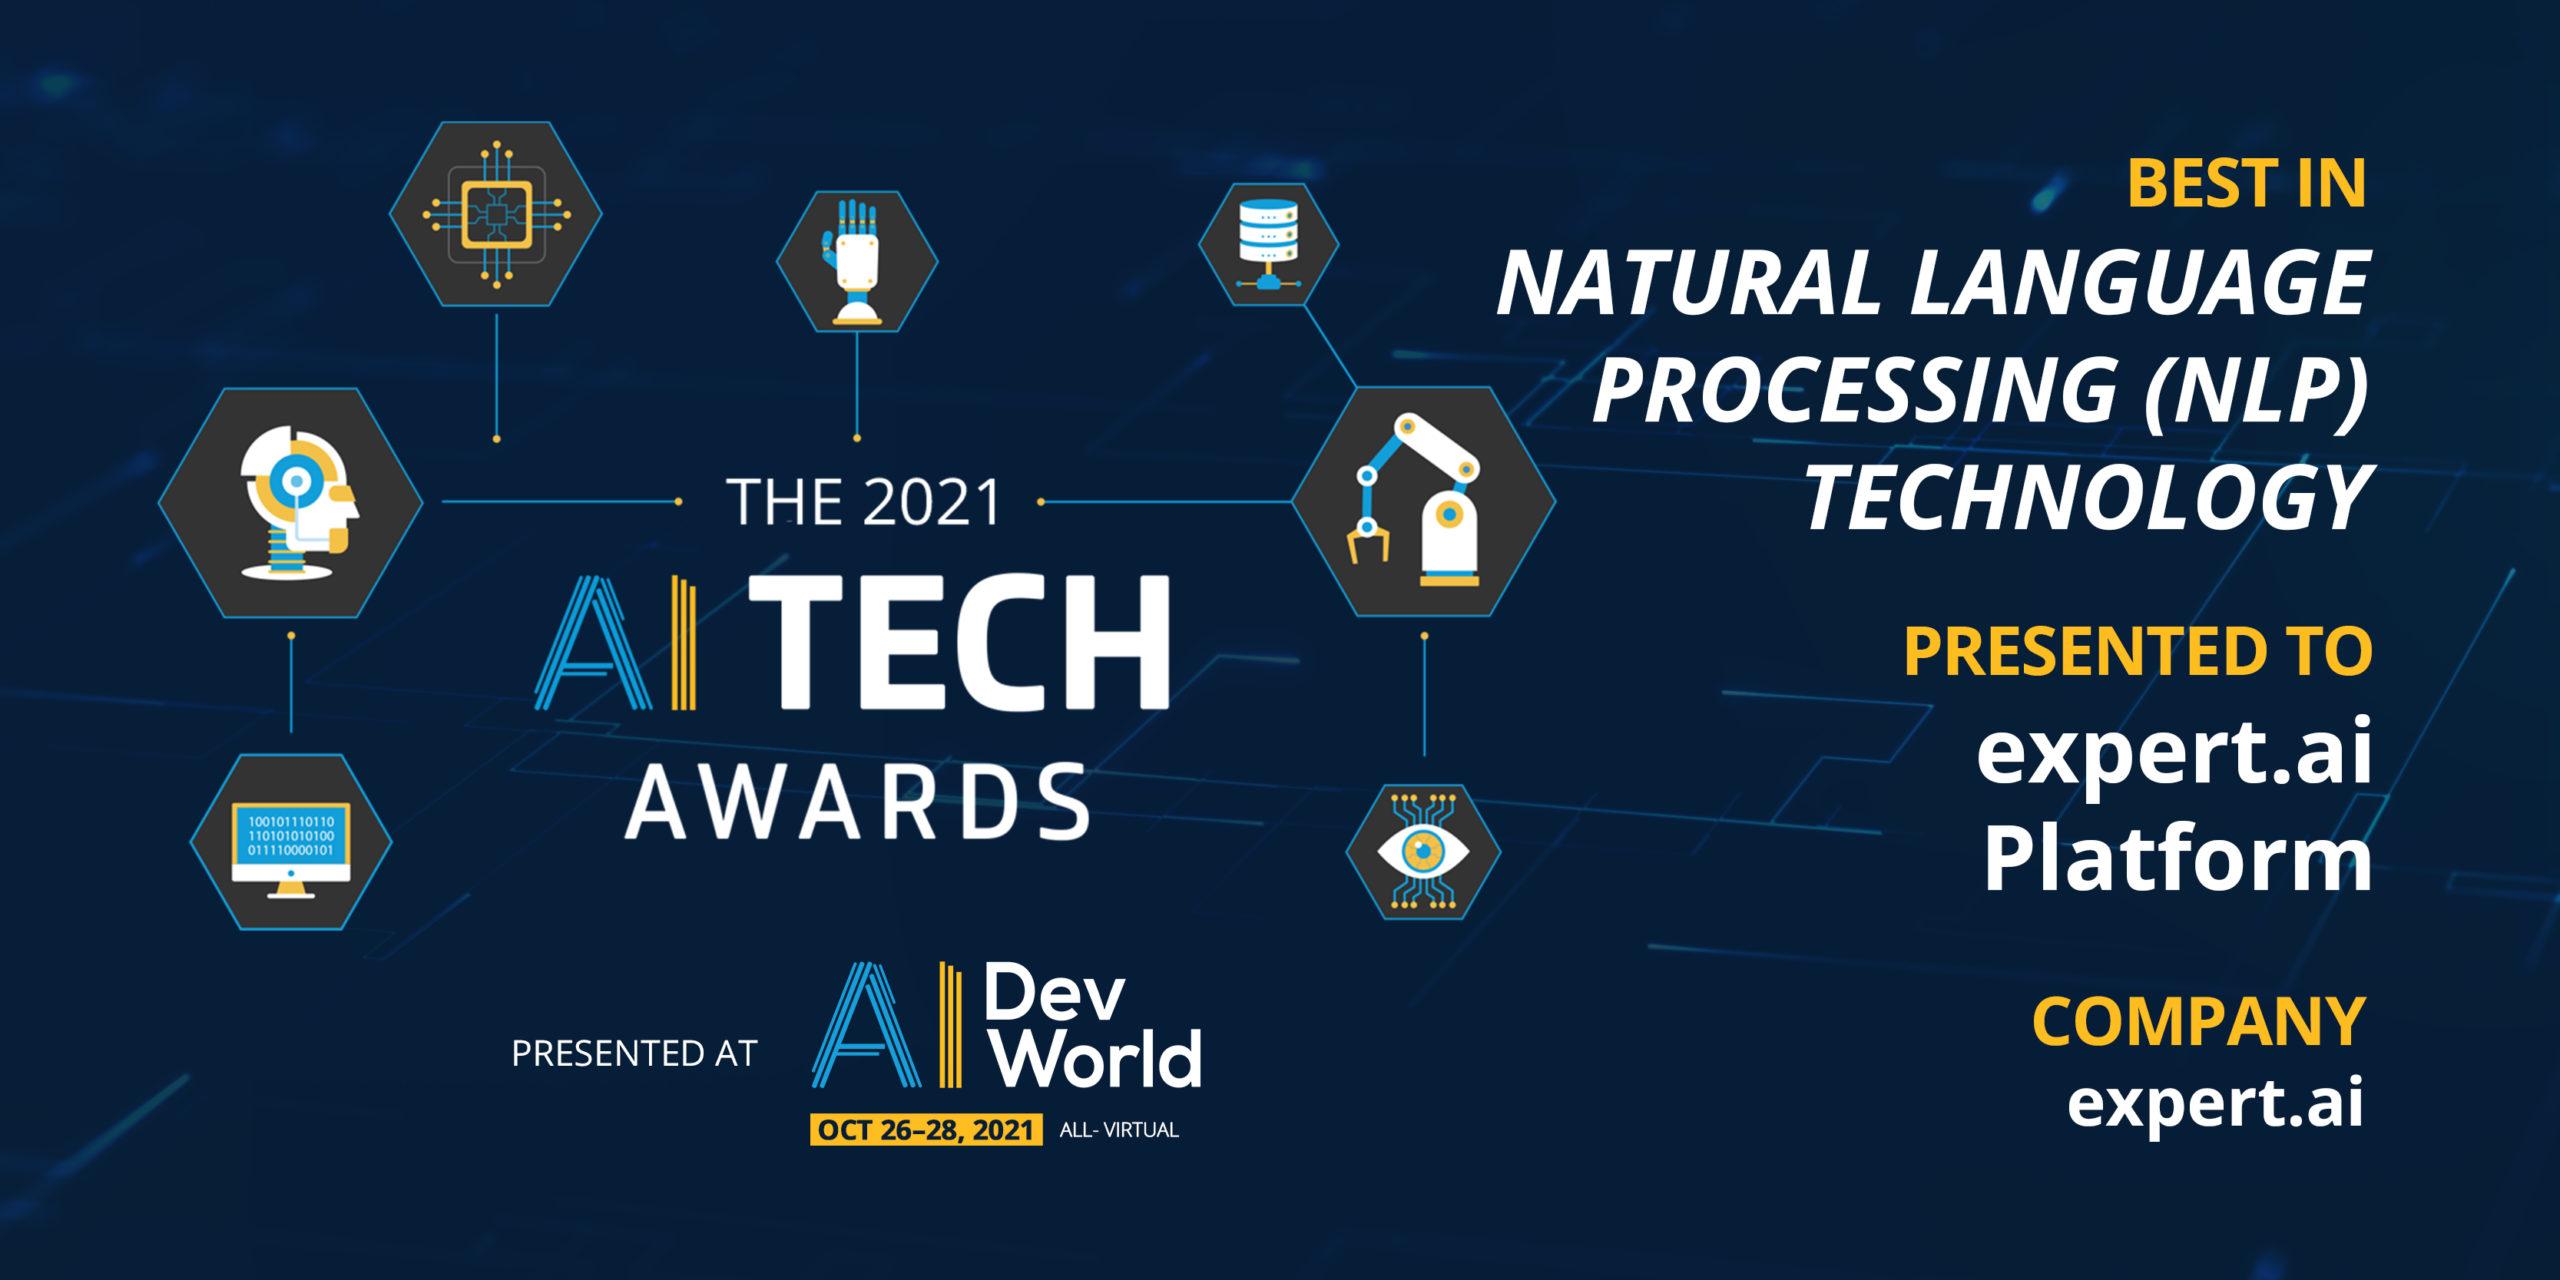 """Expert.ai premiata come """"Migliore tecnologia di natural language processing"""" agli AI TechAwards 2021"""